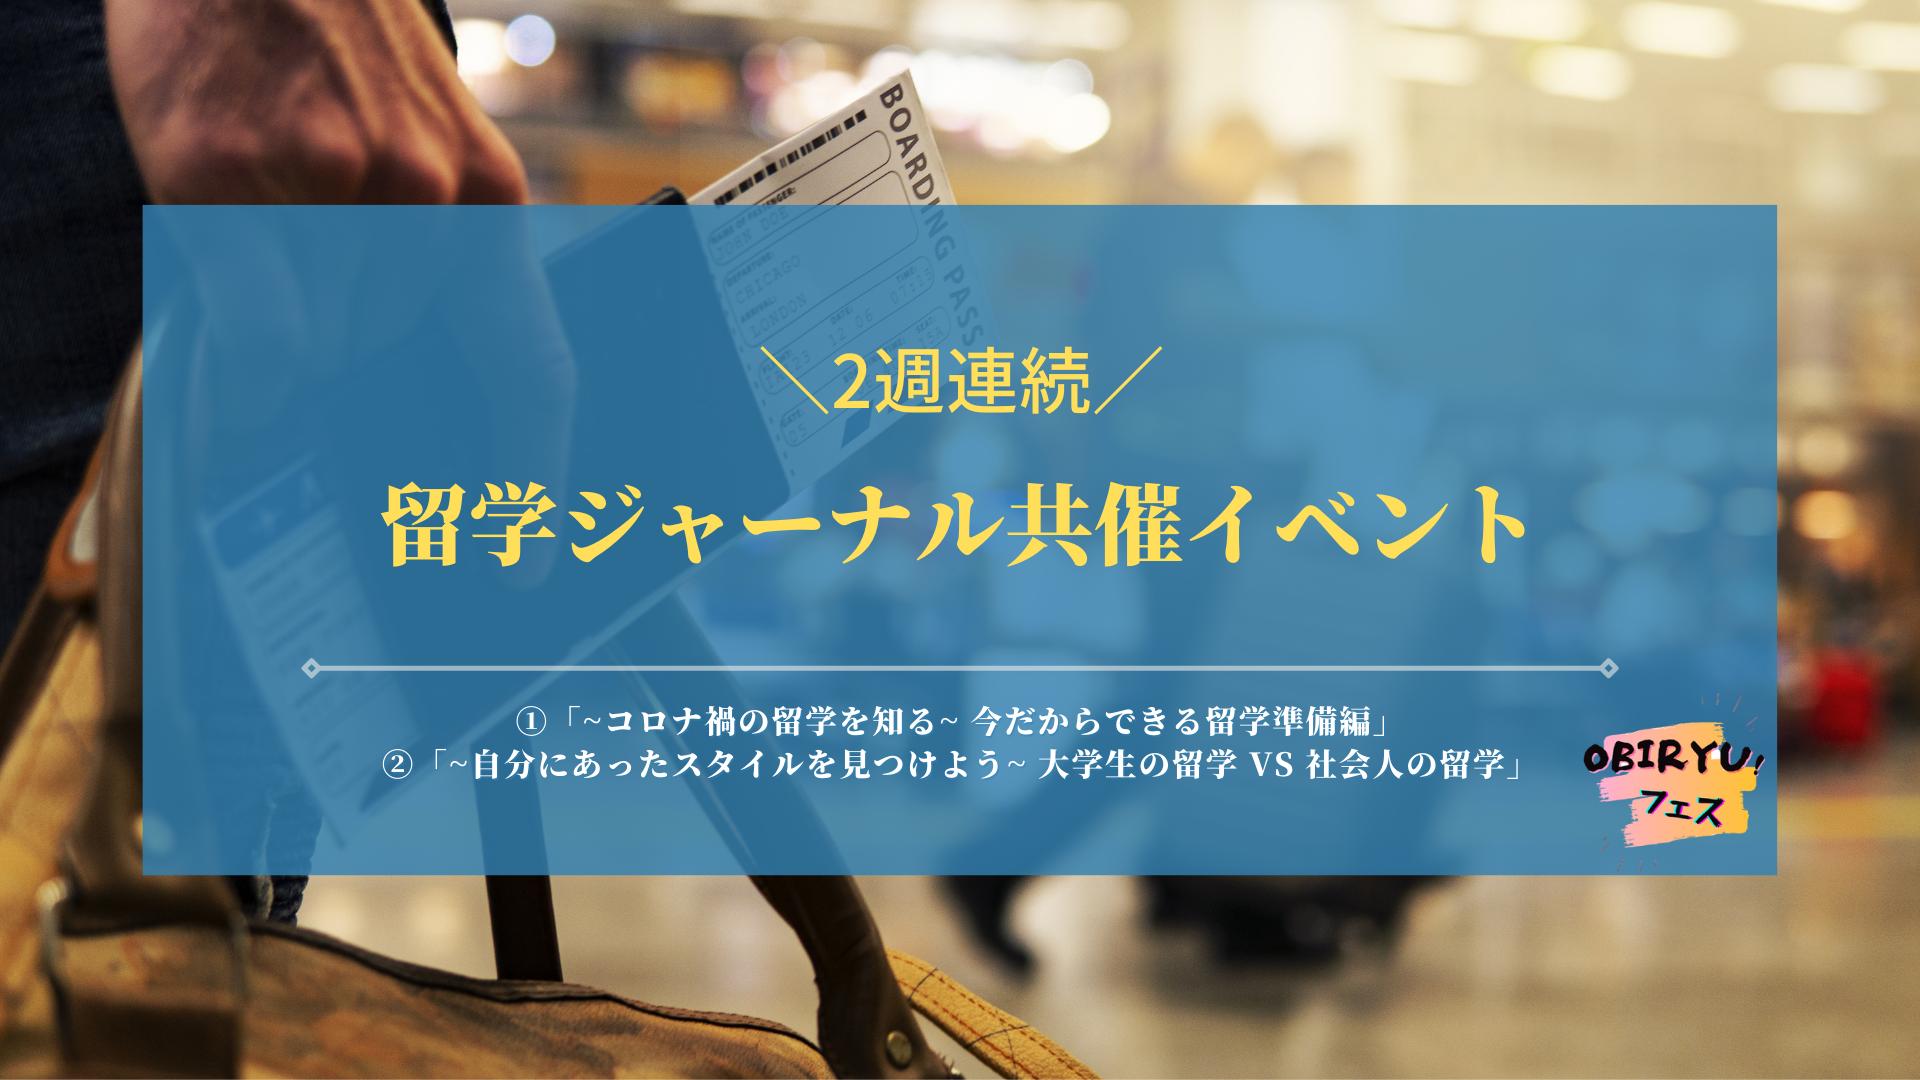 【2週連続】留学ジャーナル共催セミナー